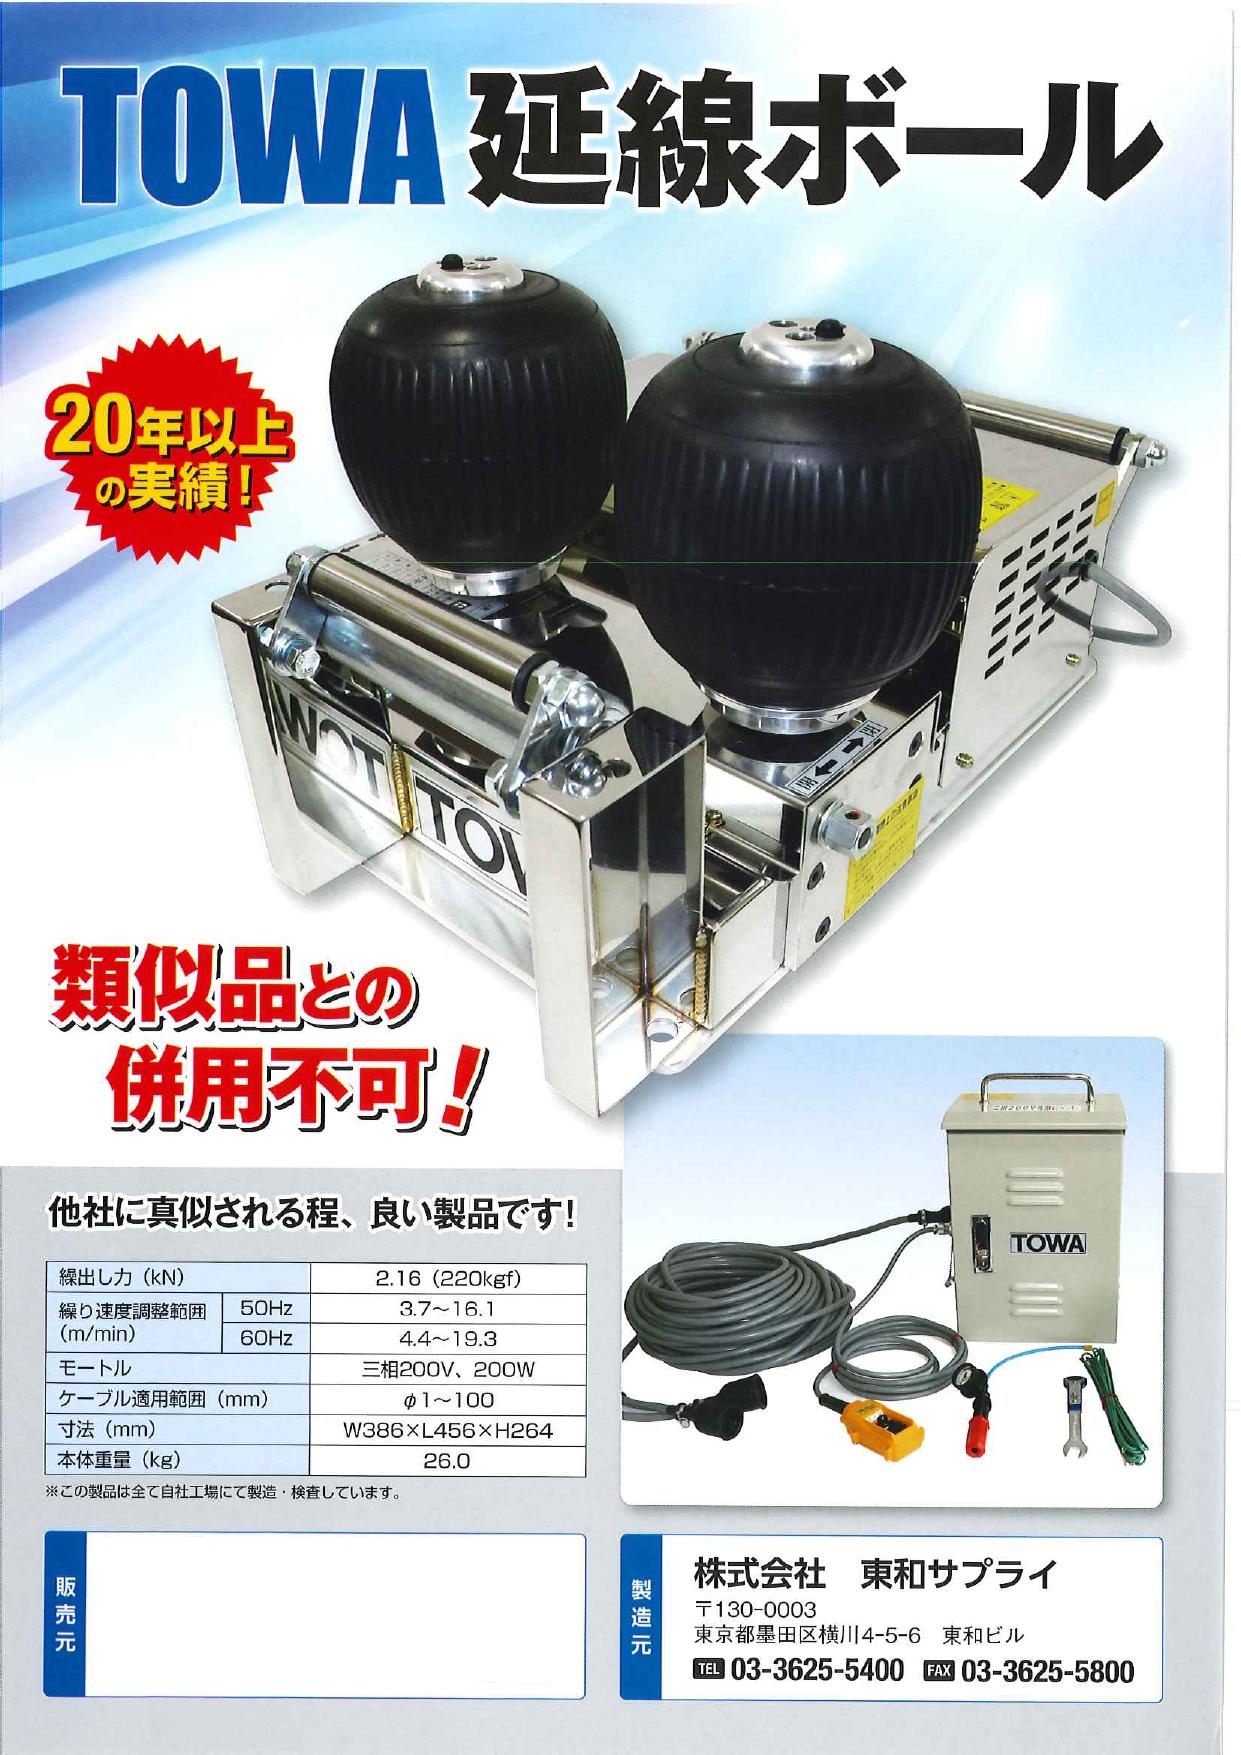 TOWA 延線ボール